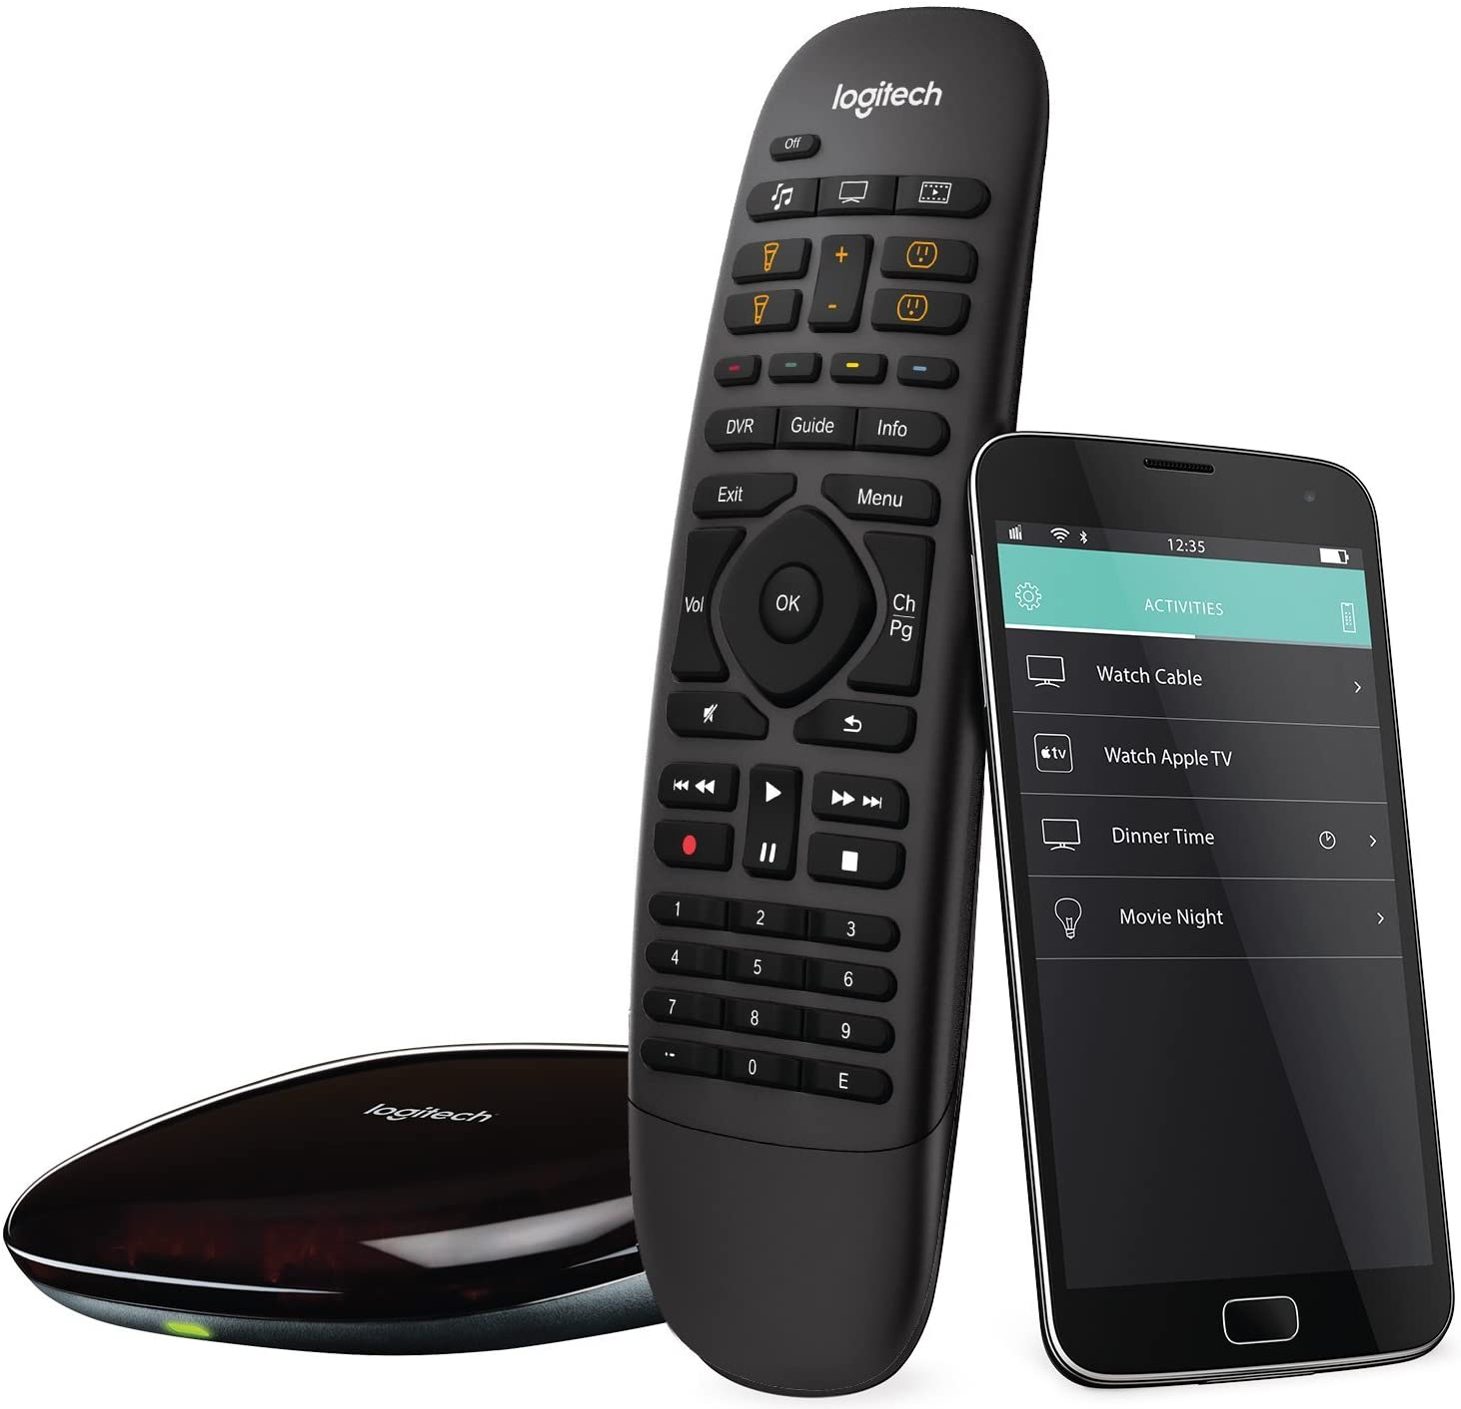 Logitech Harmony Companion télécommande Tout en Un pour Smart Home et équipements de Loisirs (Noir) (certifié reconditionné)